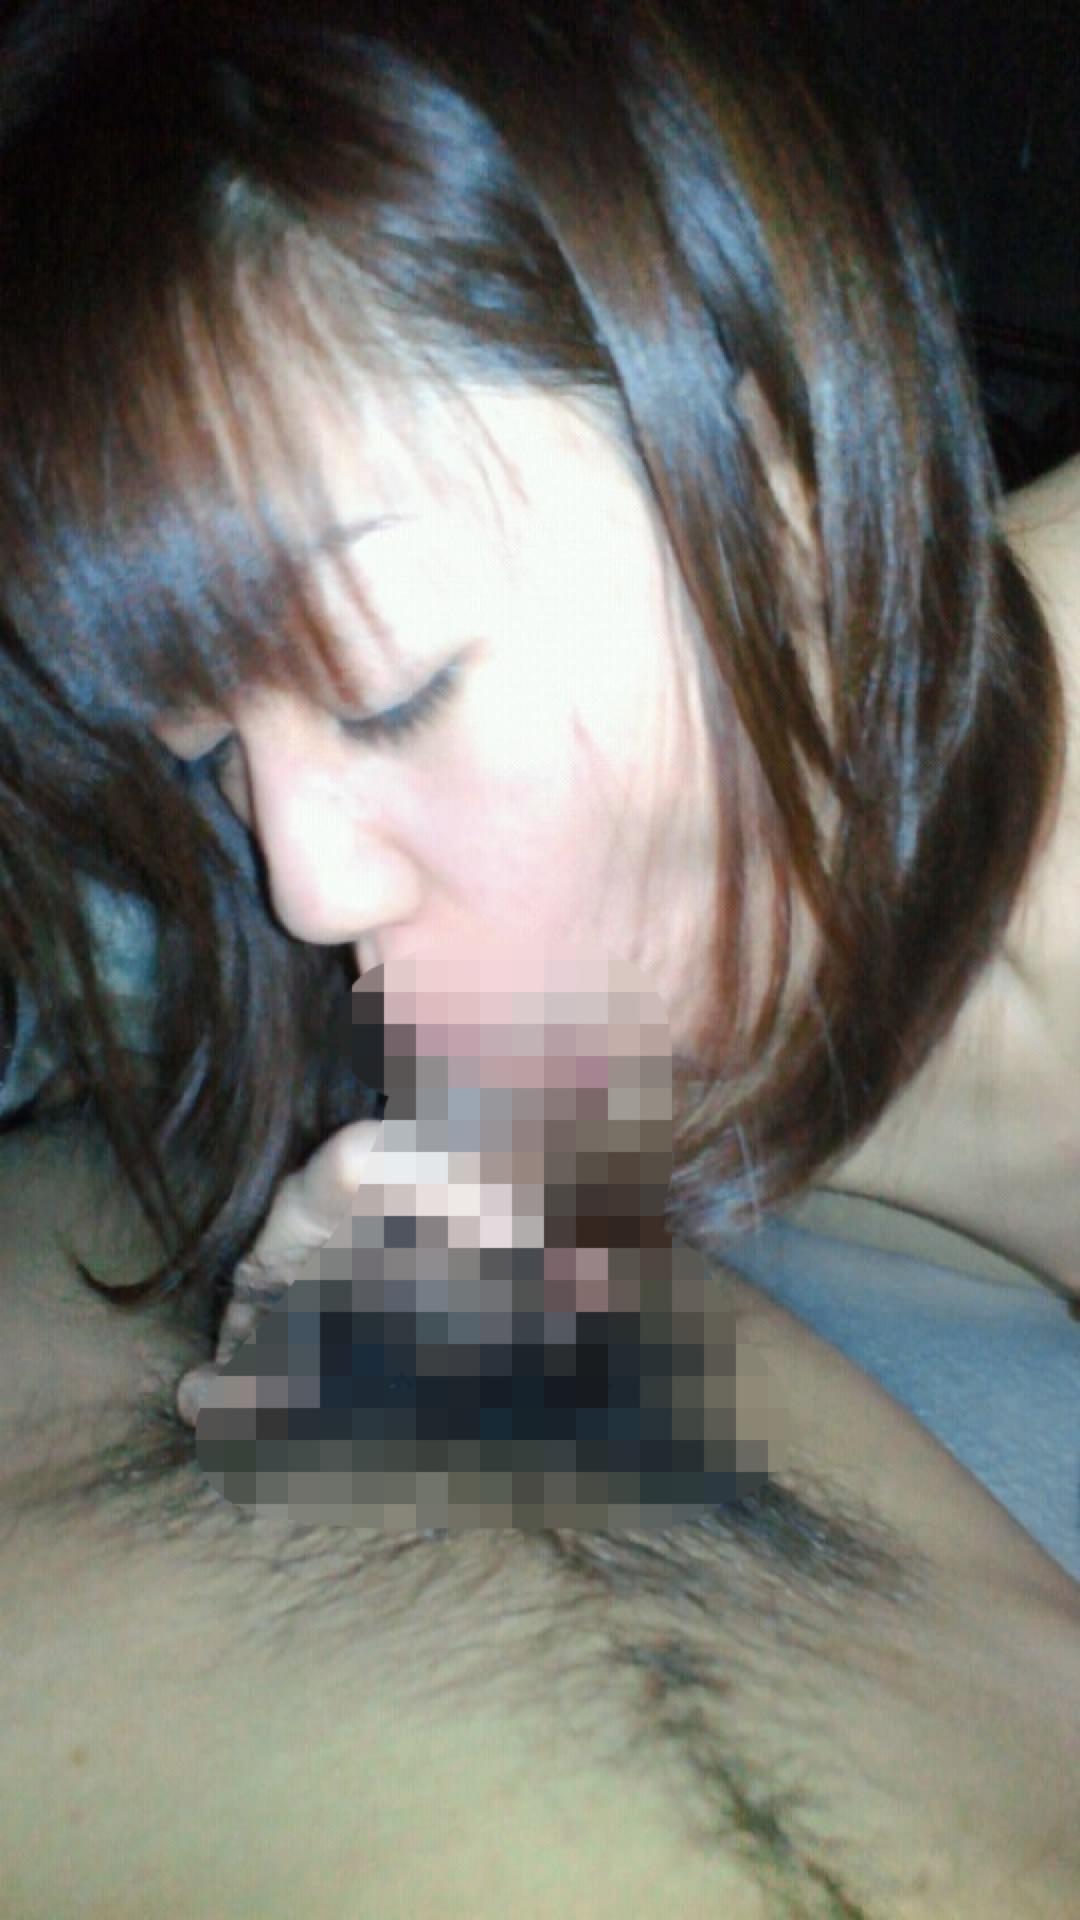 学生時代に出会い系で人妻喰いまくった時のフェラ画像wwww 0618